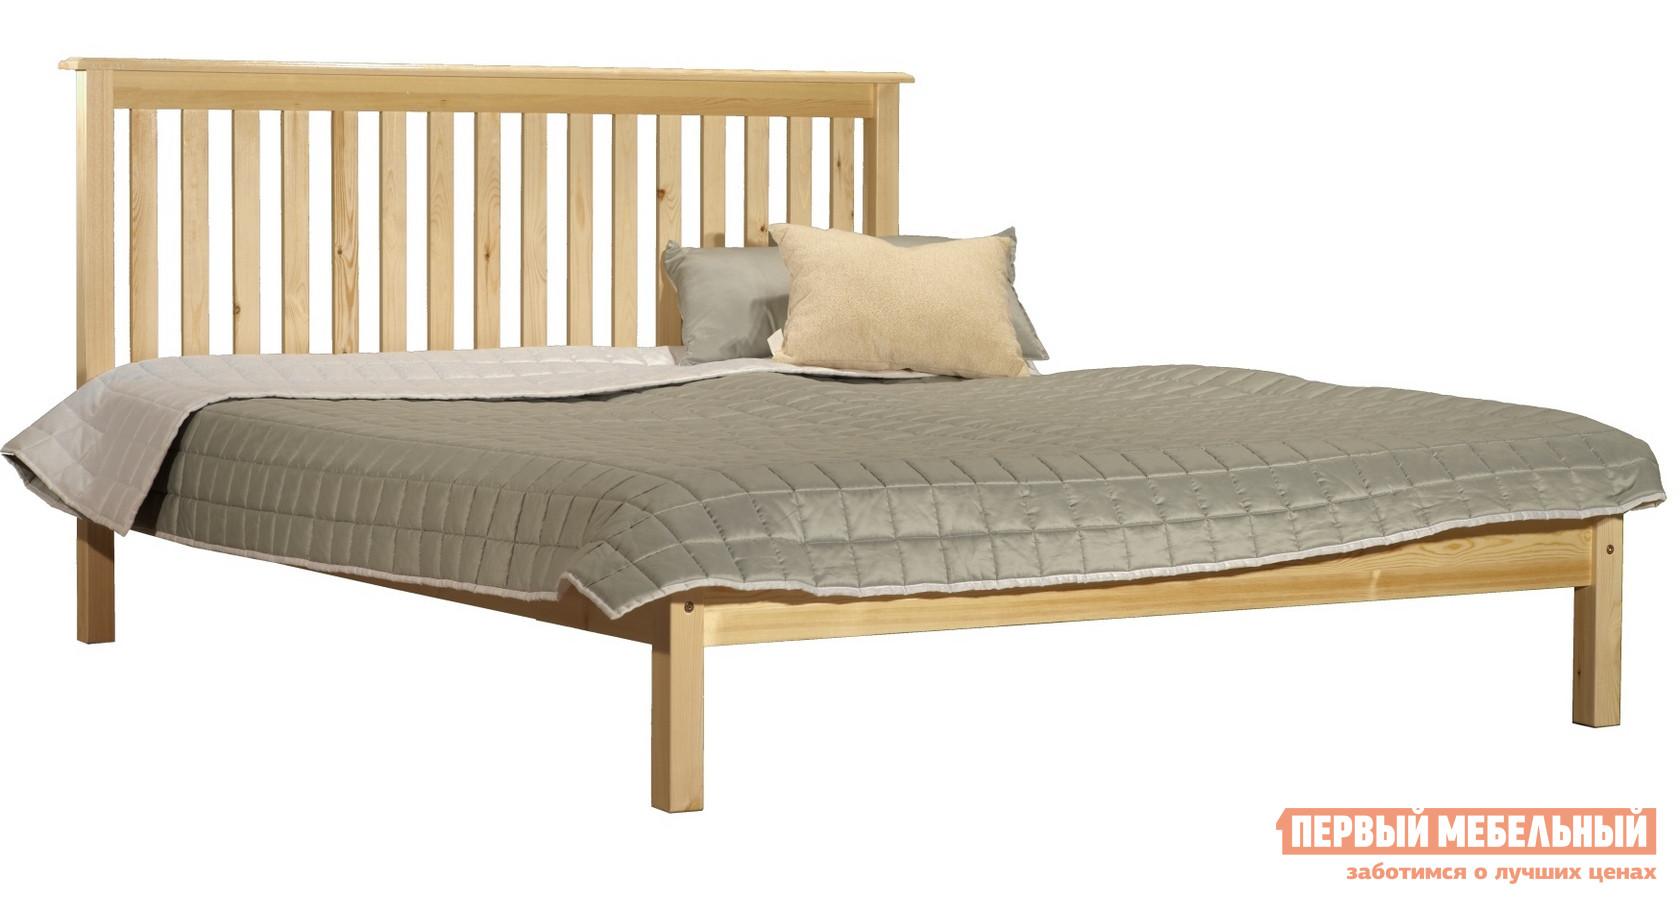 Кровать односпальная Timberica Рина-1 кровать односпальная homeme нова